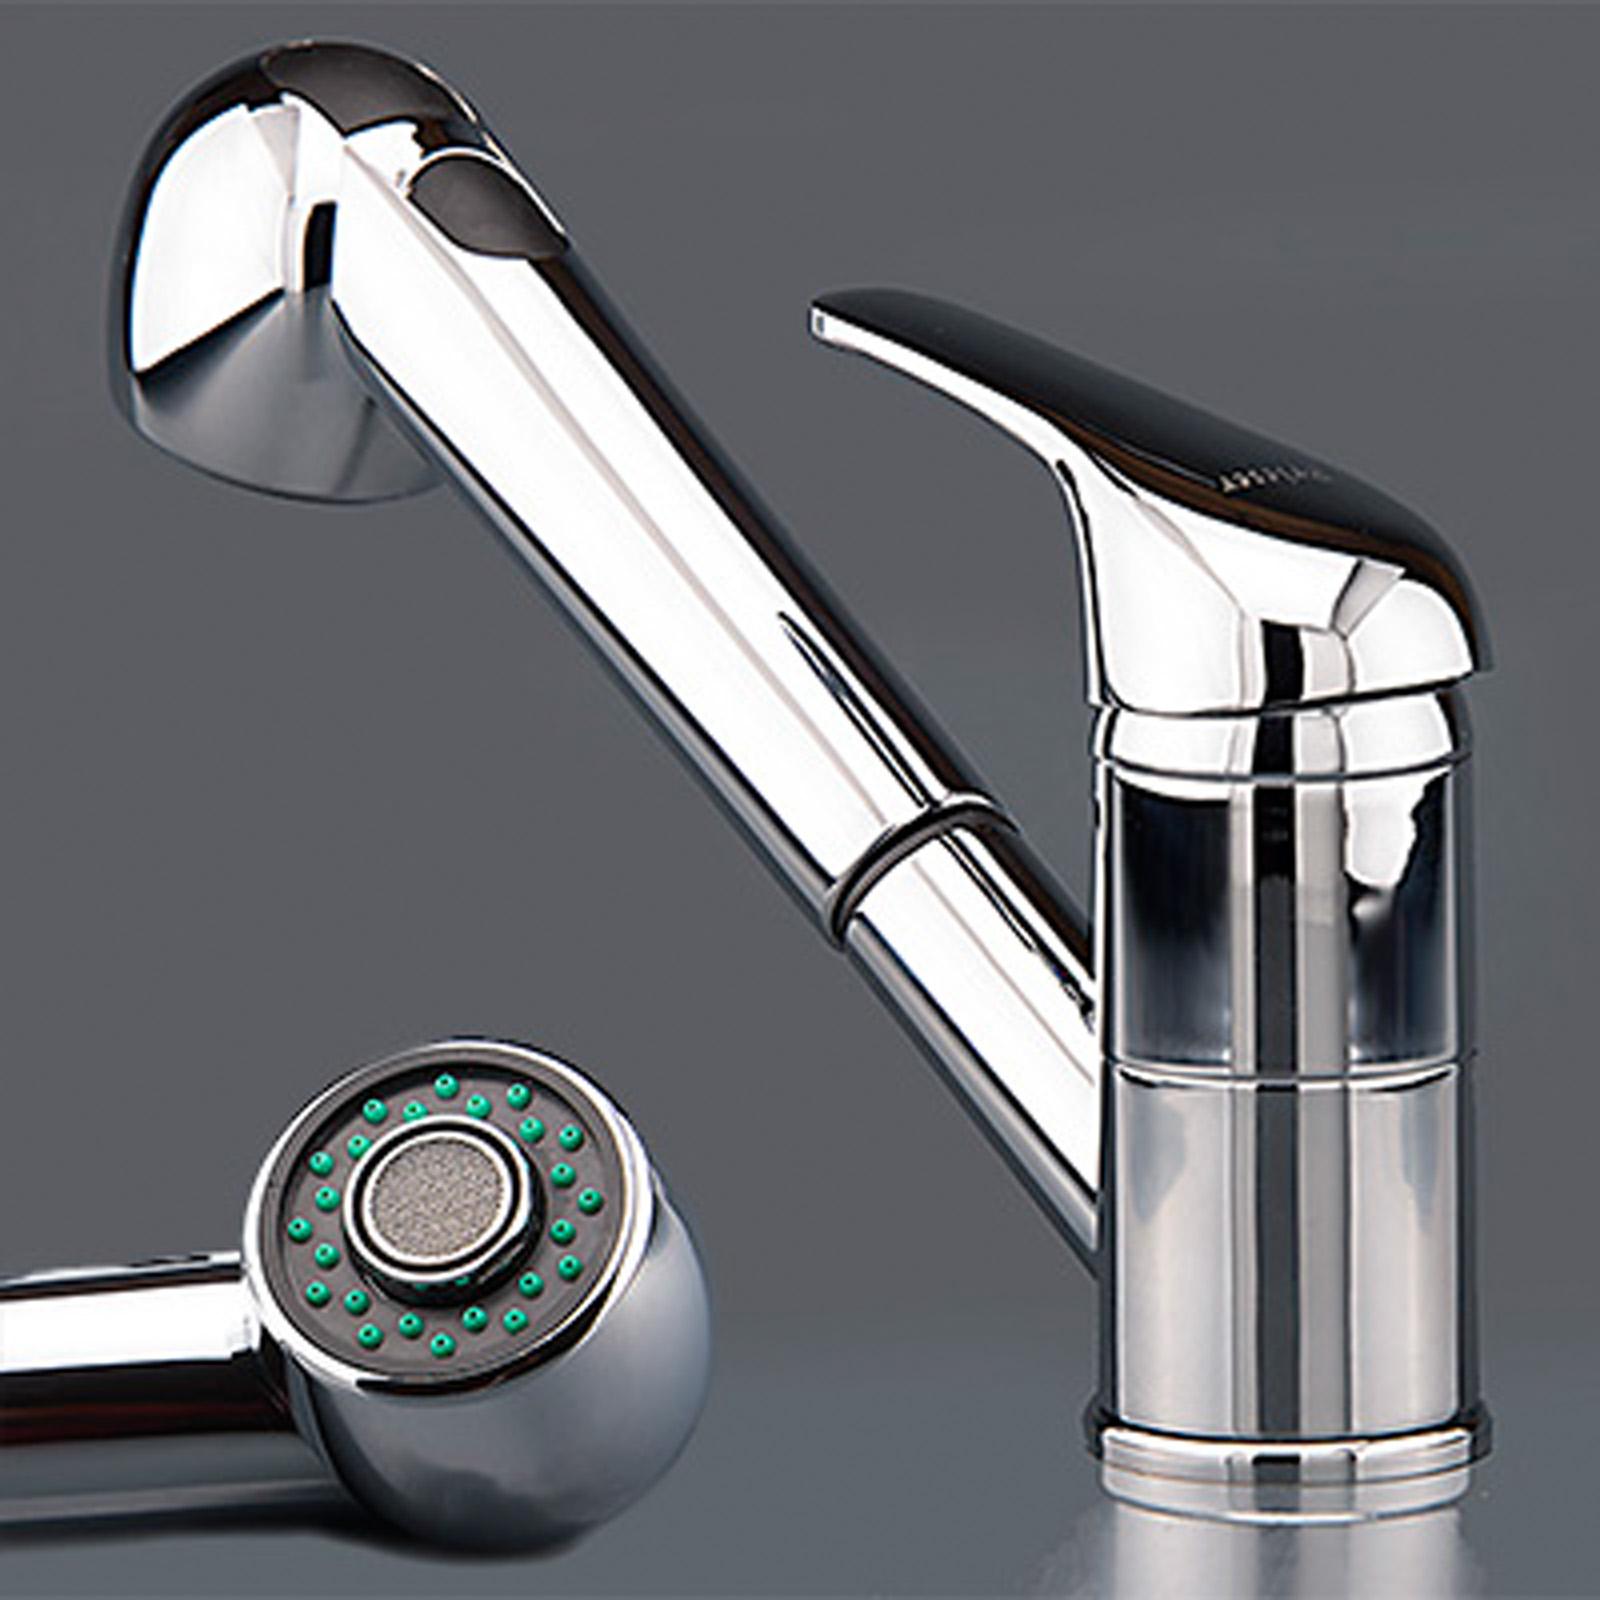 Turbo Edelstahl Küchenspüle Rundspüle Waschbecken Einbauspüle Spüle +  KH96